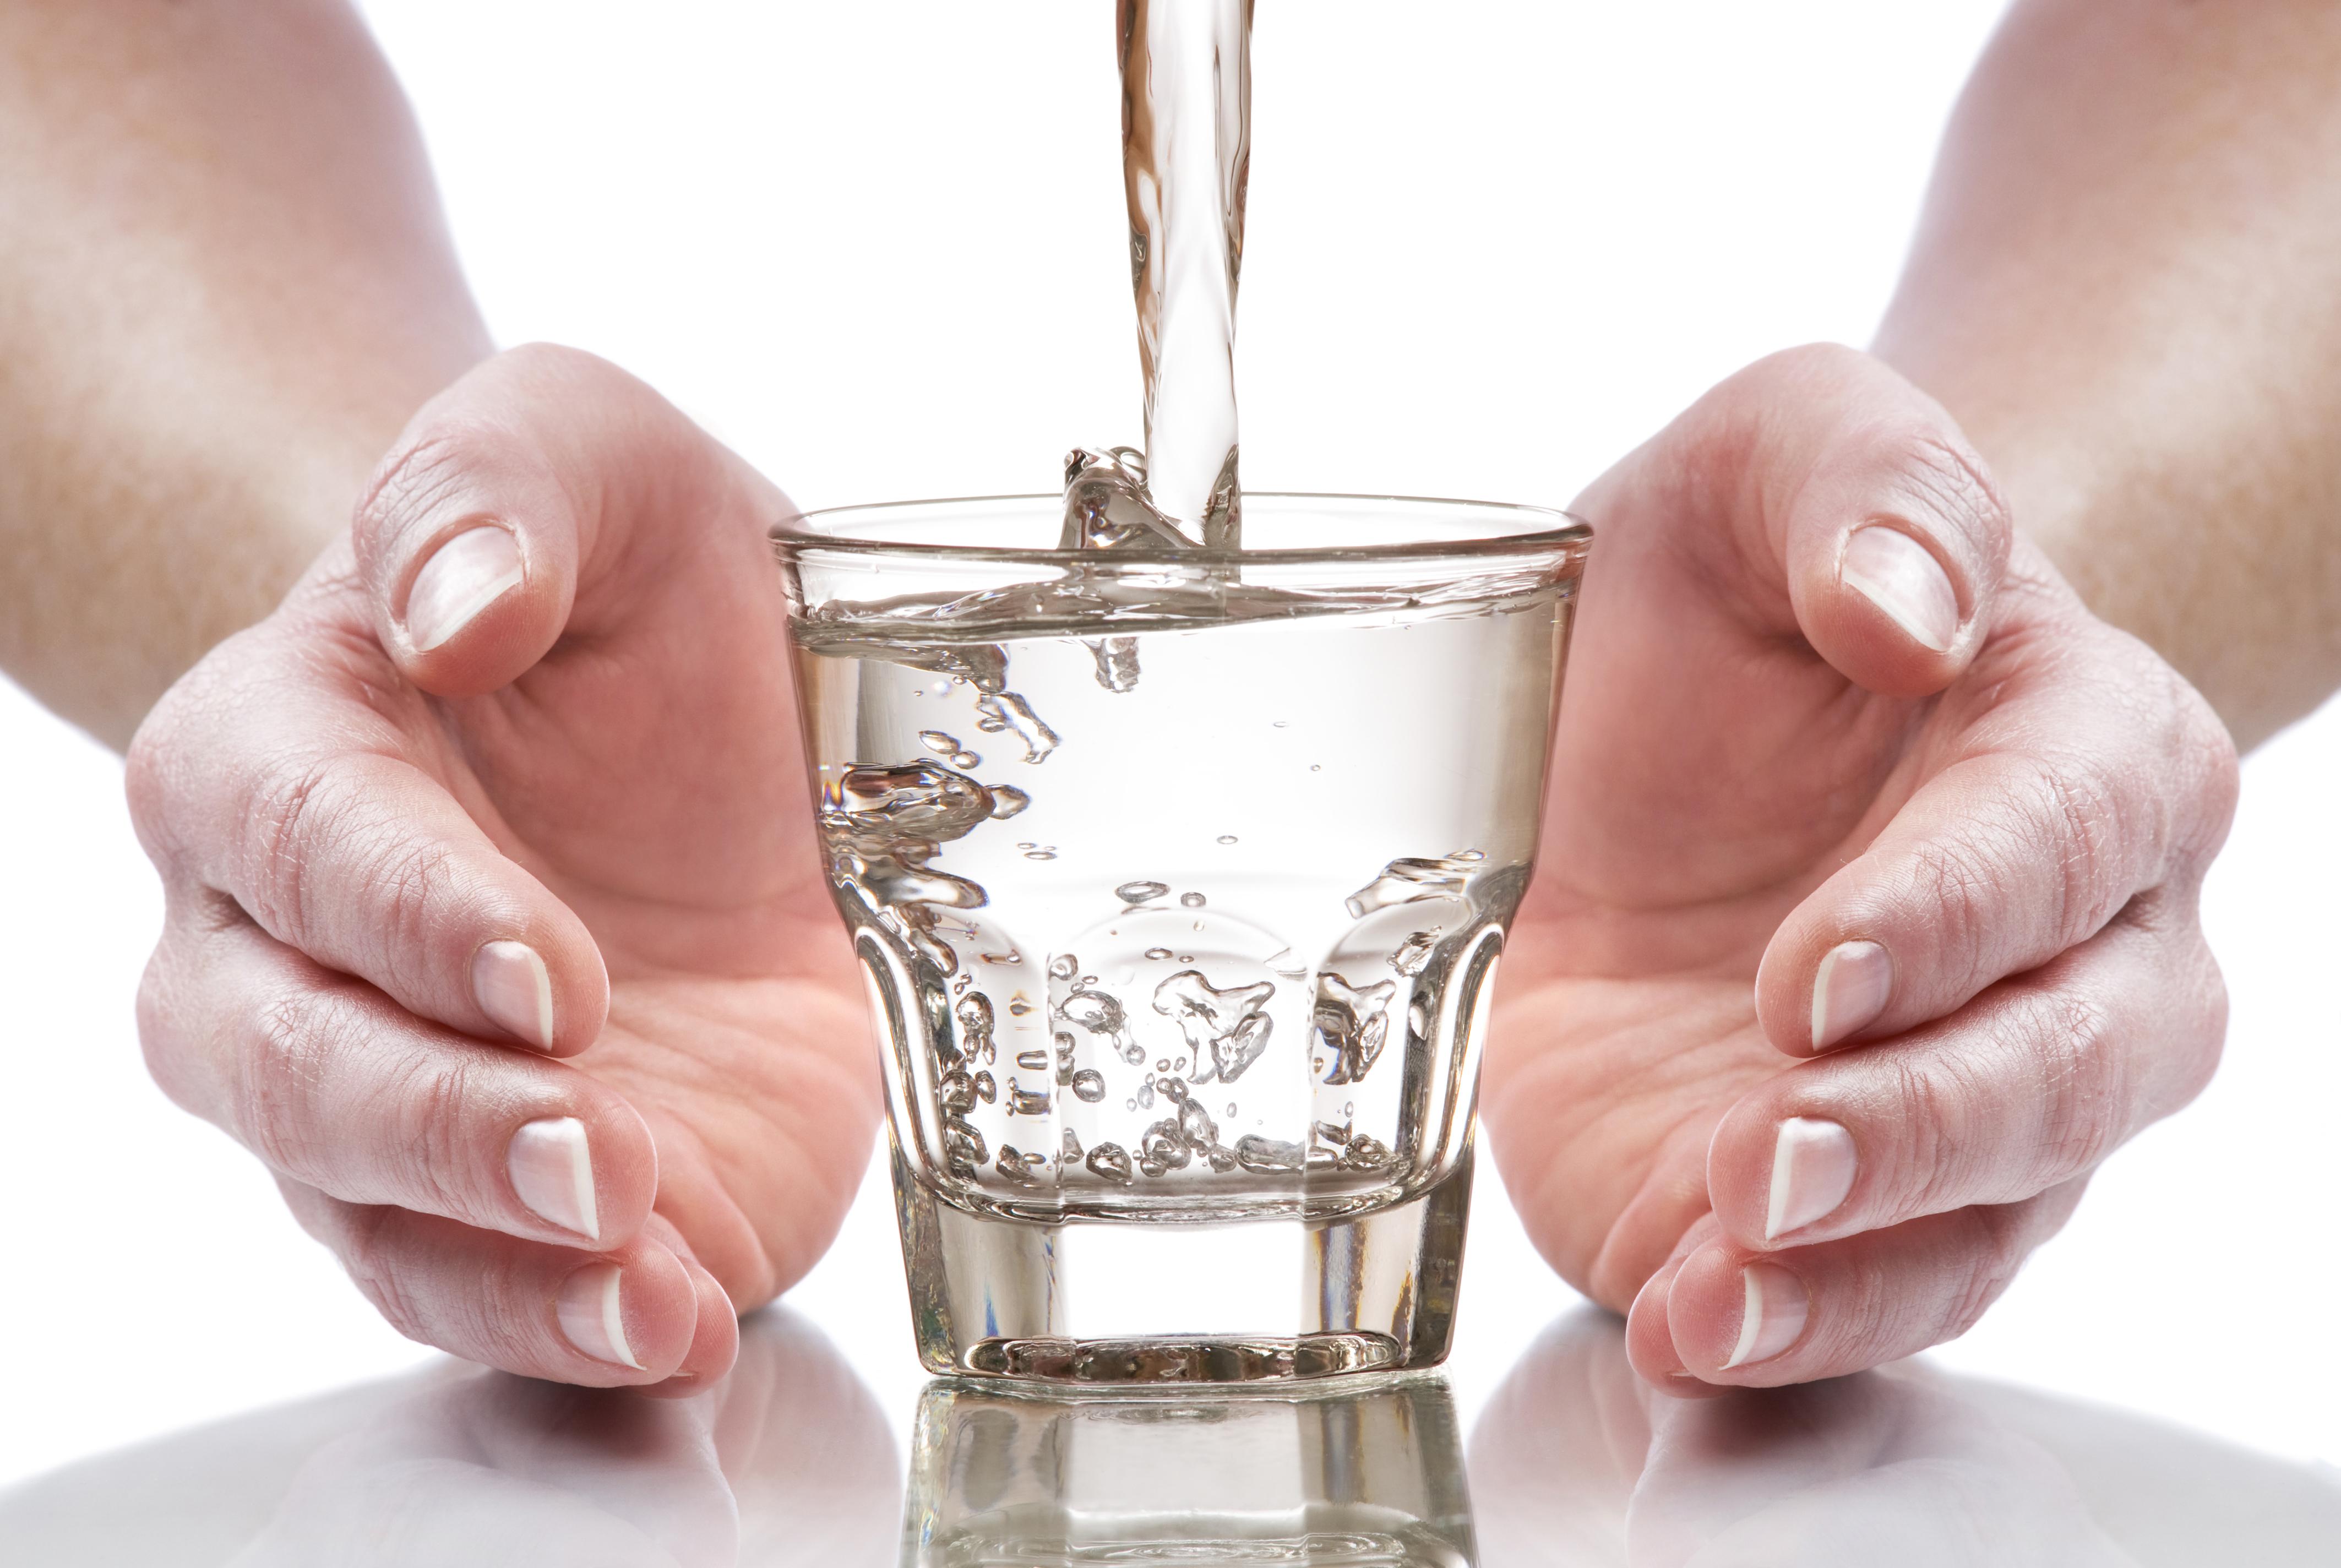 Вода занимает особое место в жизни человека